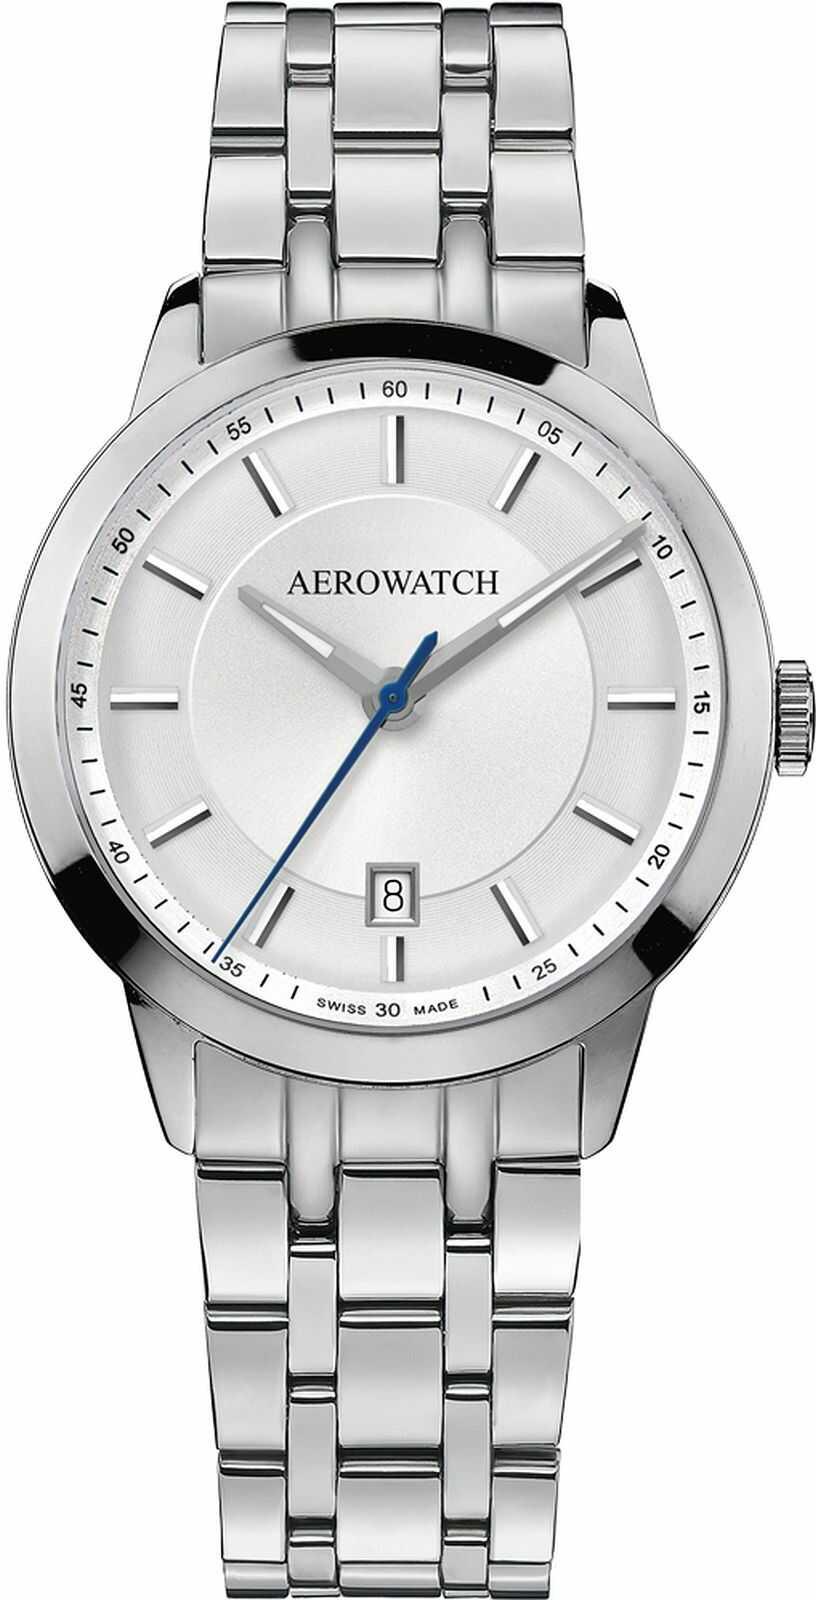 Aerowatch 42972-AA07-M > Wysyłka tego samego dnia Grawer 0zł Darmowa dostawa Kurierem/Inpost Darmowy zwrot przez 100 DNI